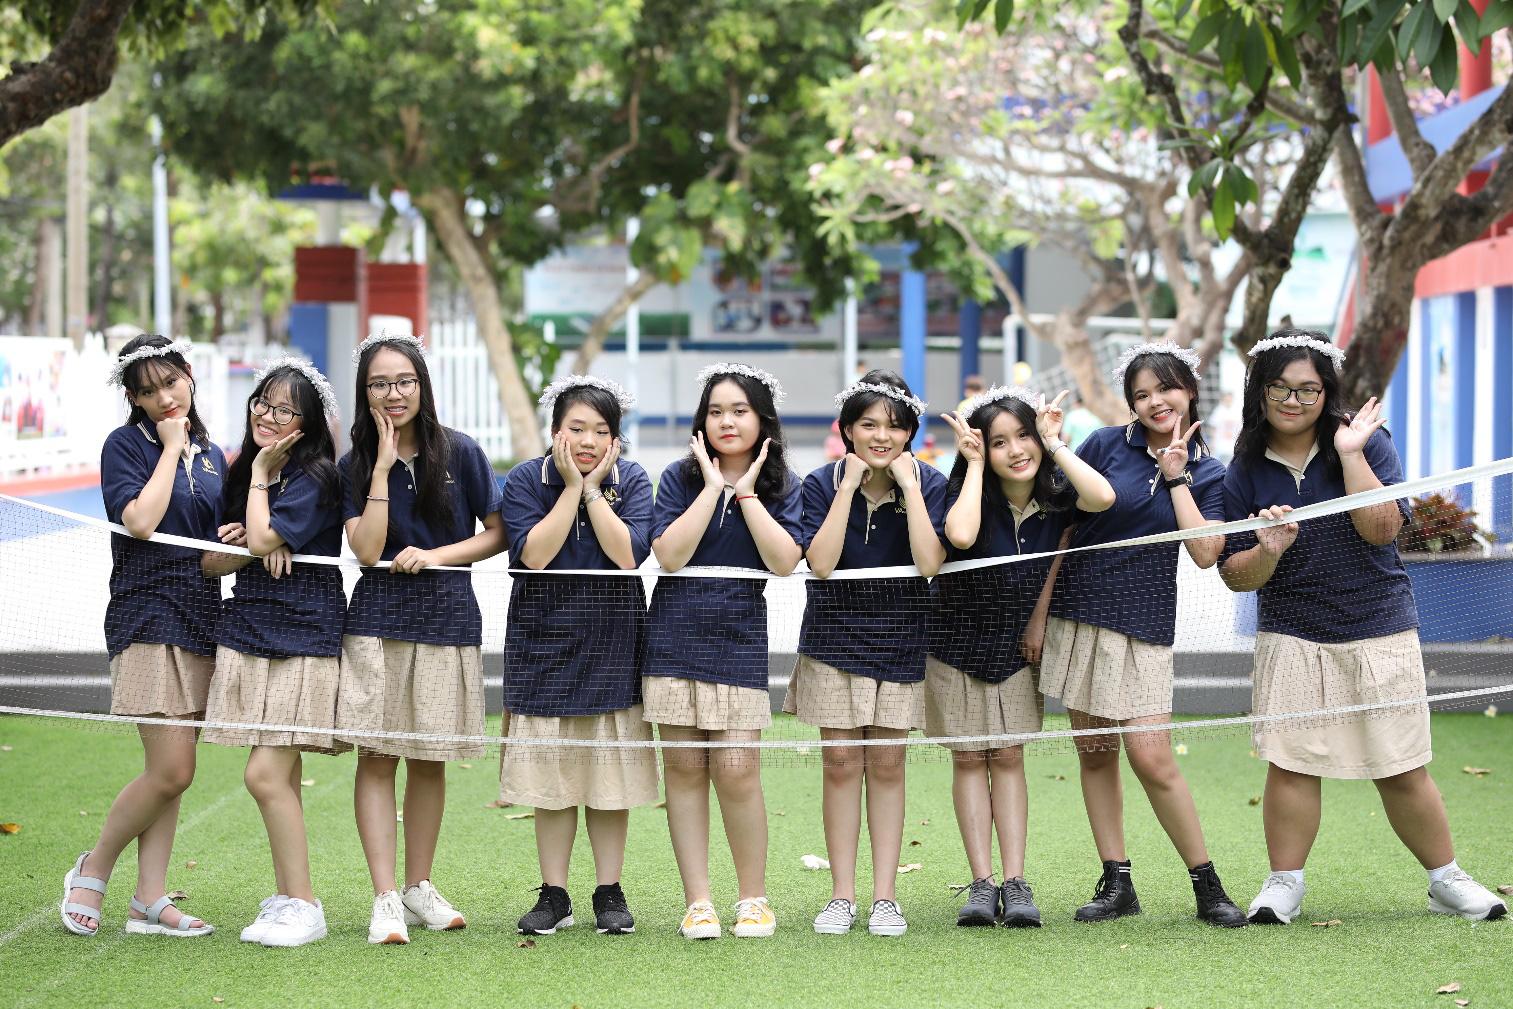 Những gương mặt trẻ tiêu biểu của trường Việt Mỹ Vũng Tàu - Ảnh 9.